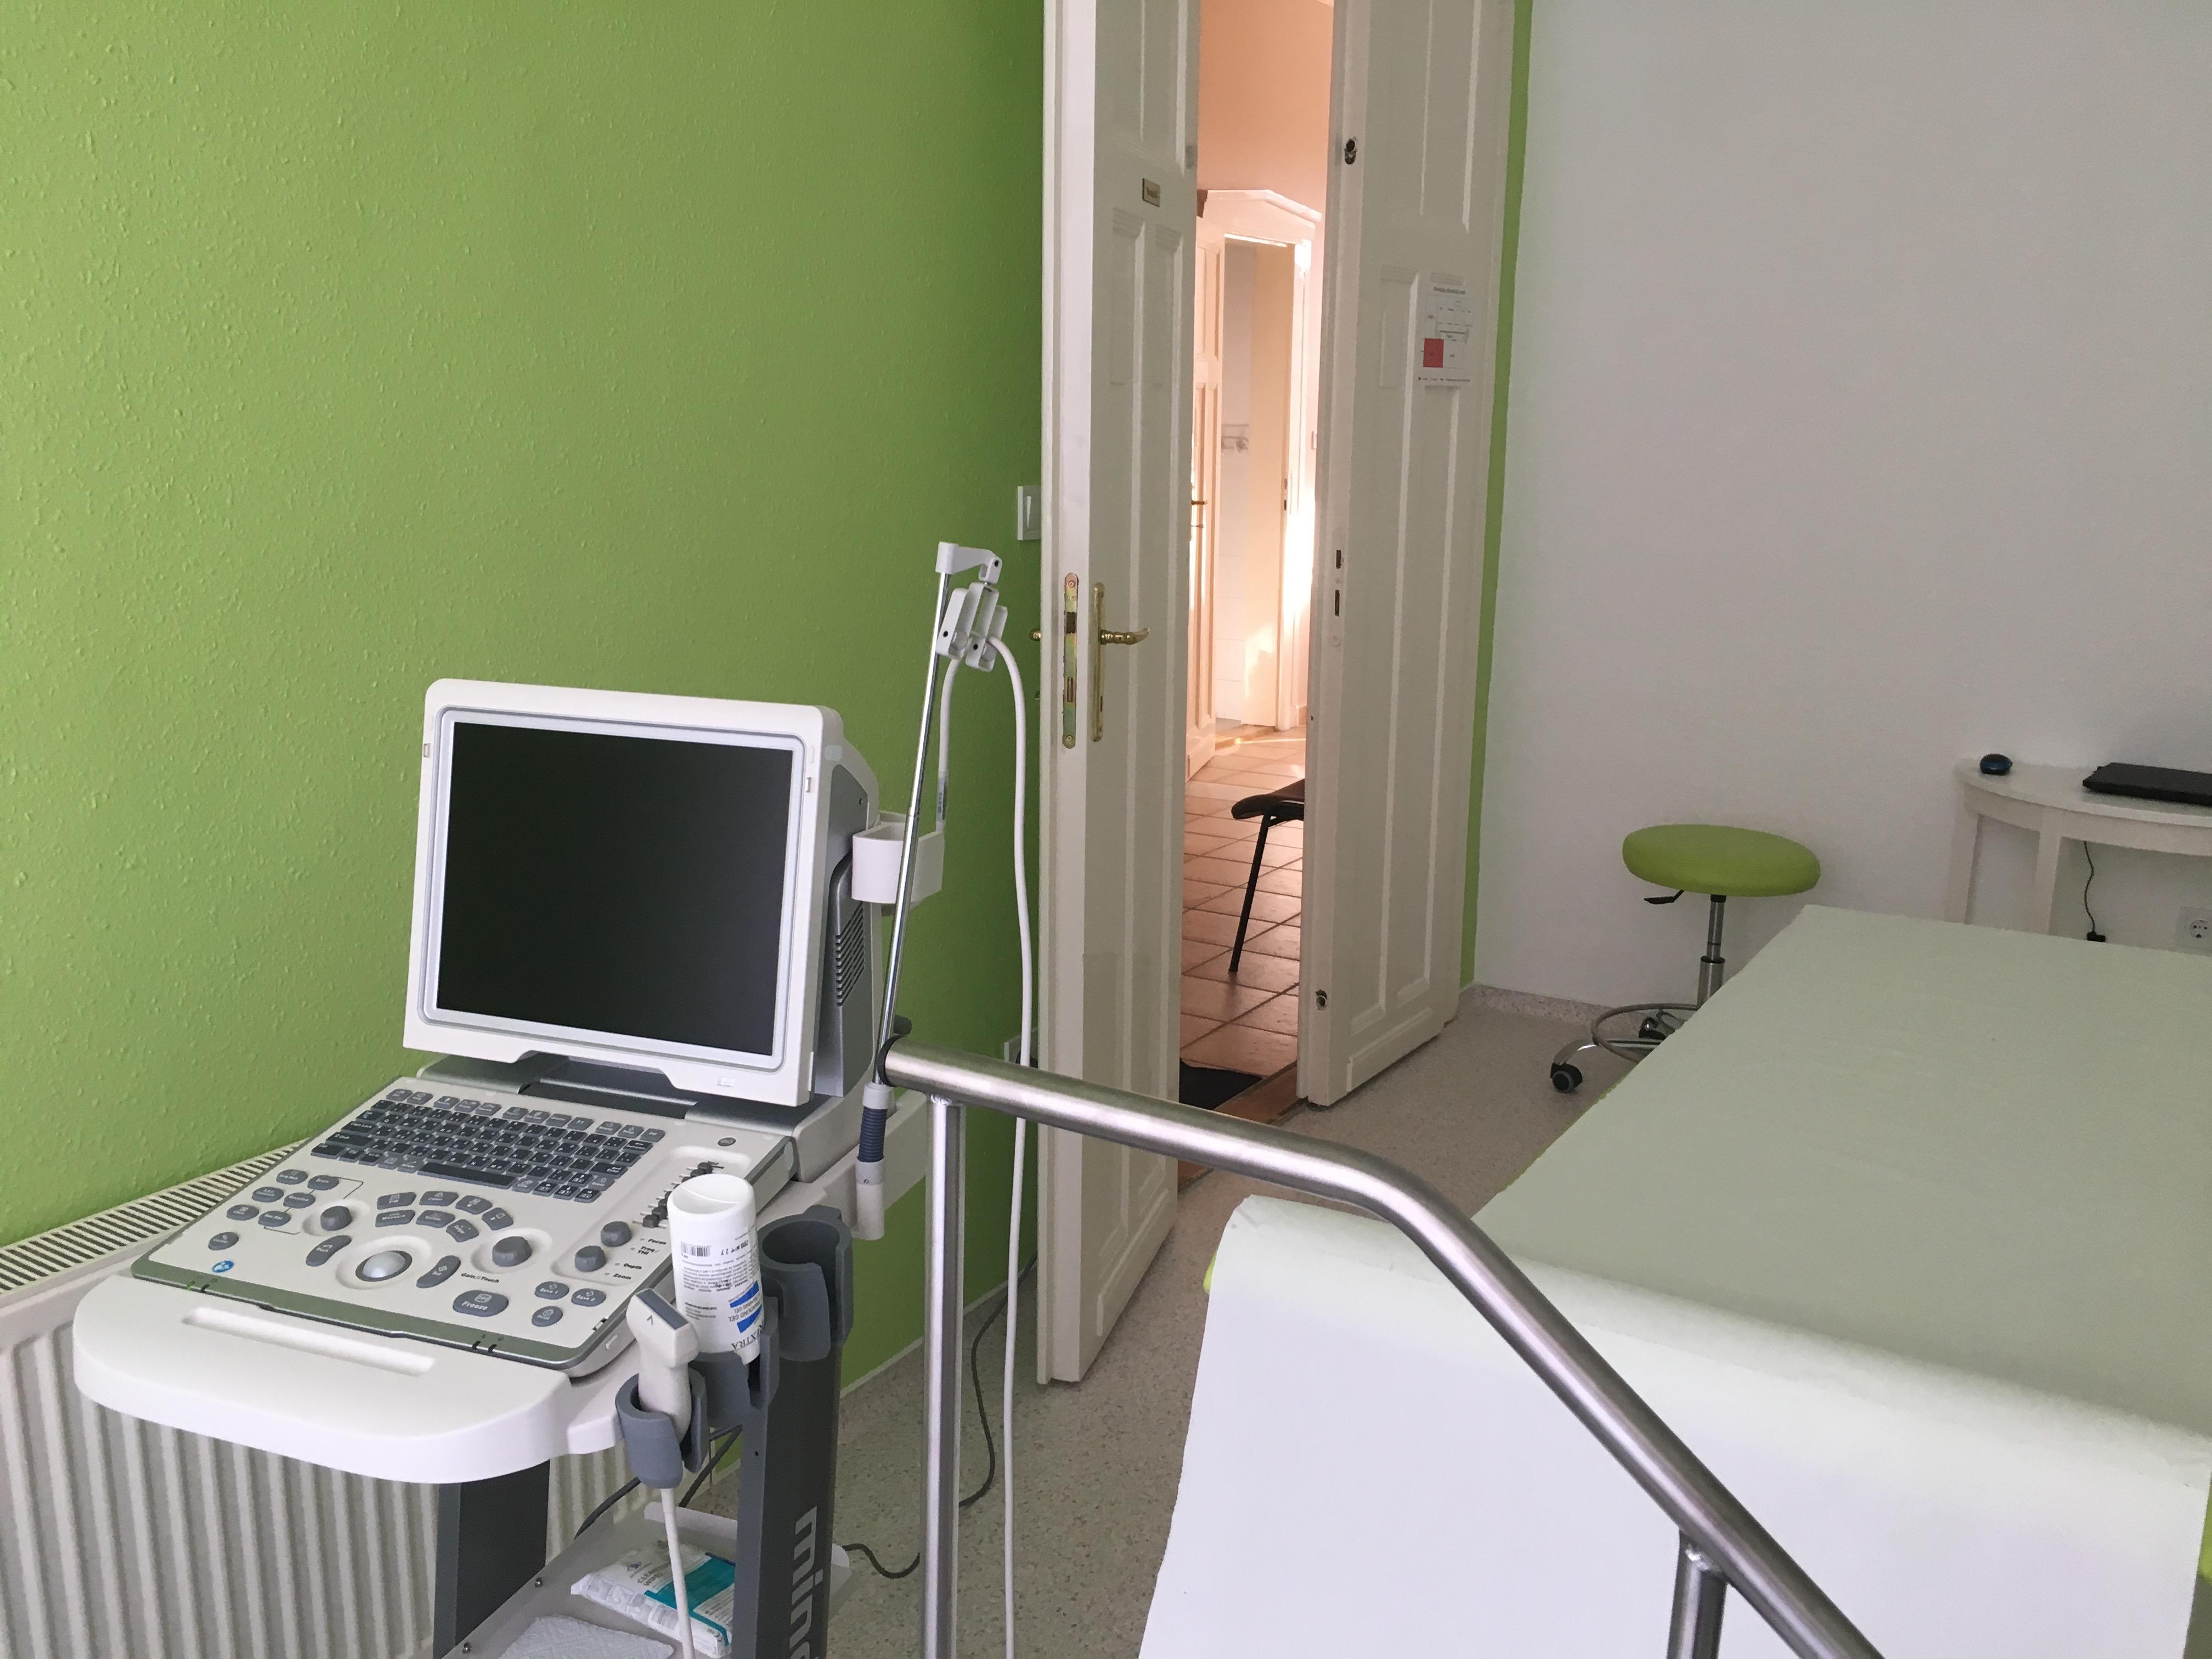 Érsebészeti magánrendelő - Szolnok